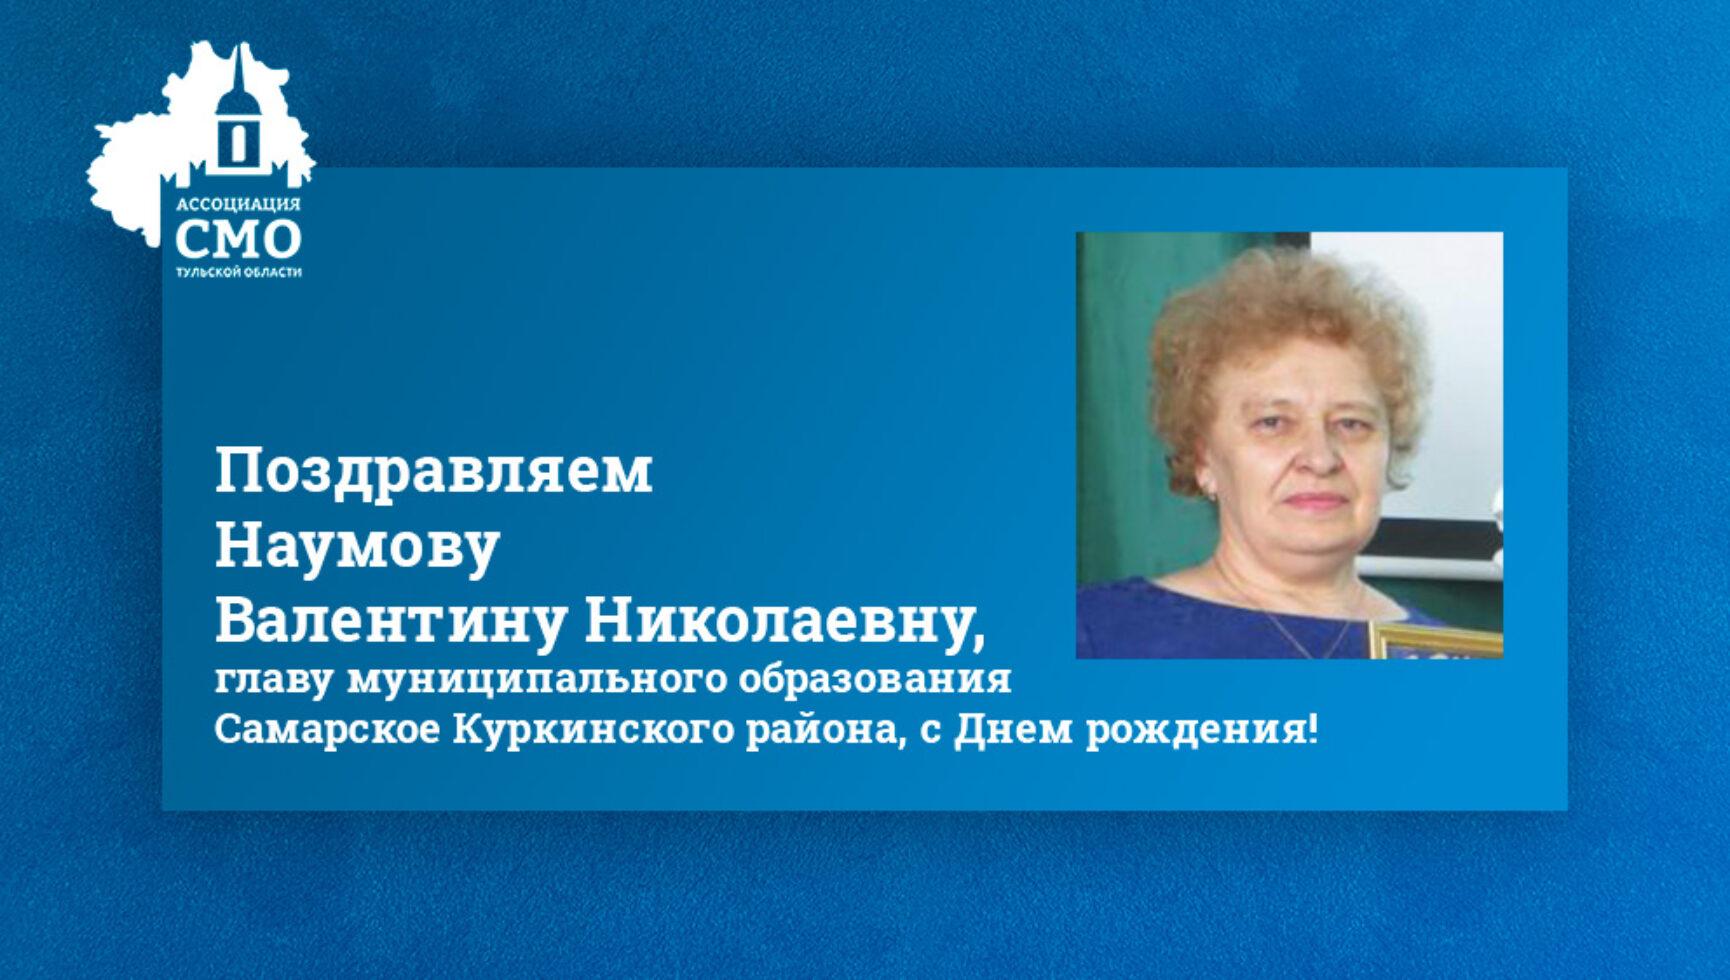 Поздравляем Наумову Валентину Николаевну, главу муниципального образования Самарское Куркинского района, с Днем рождения!